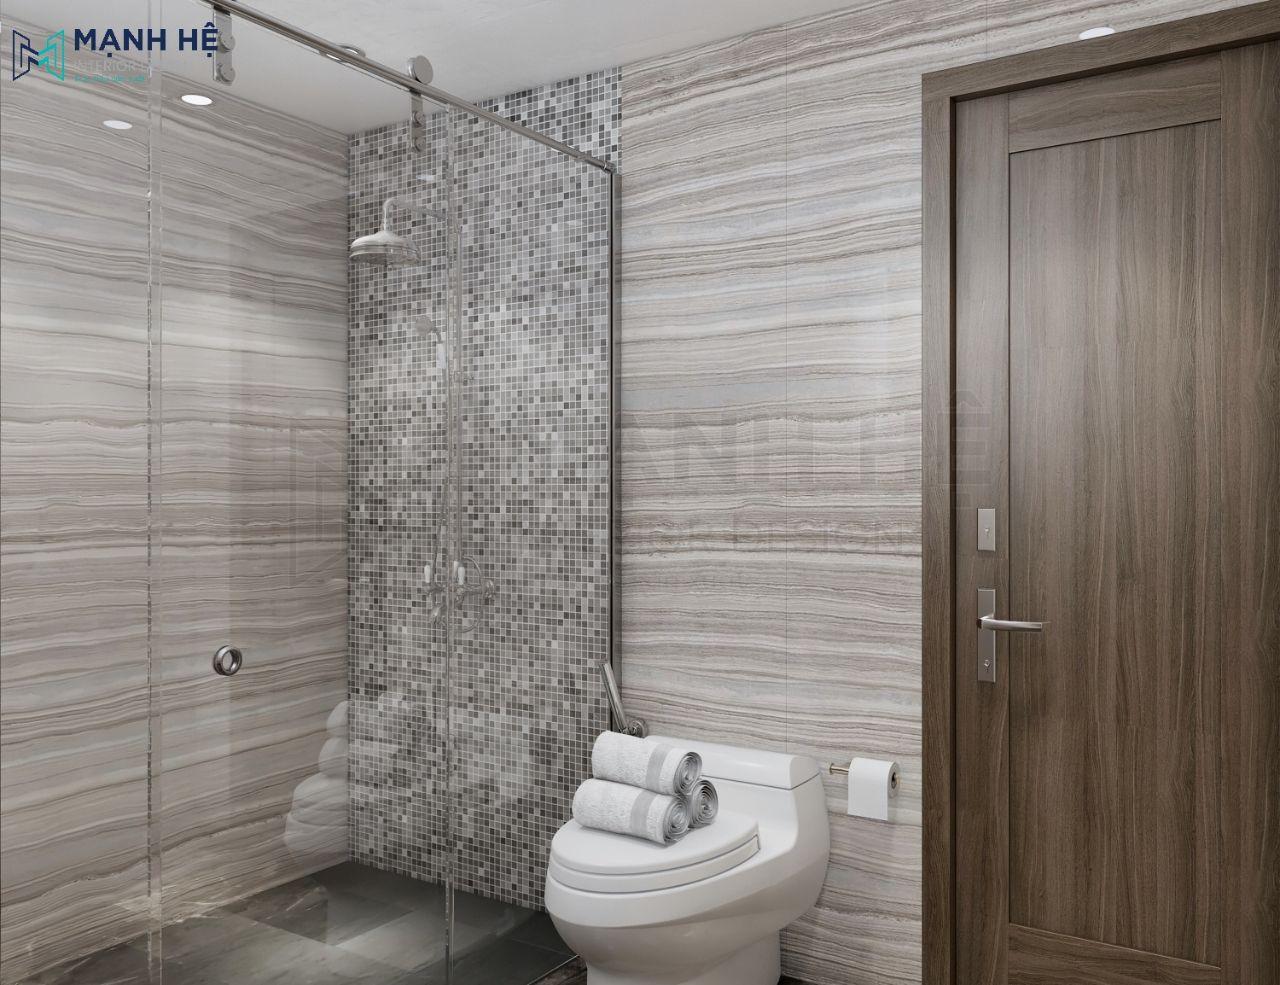 Thiết kế phòng tắm đứng rộng rãi